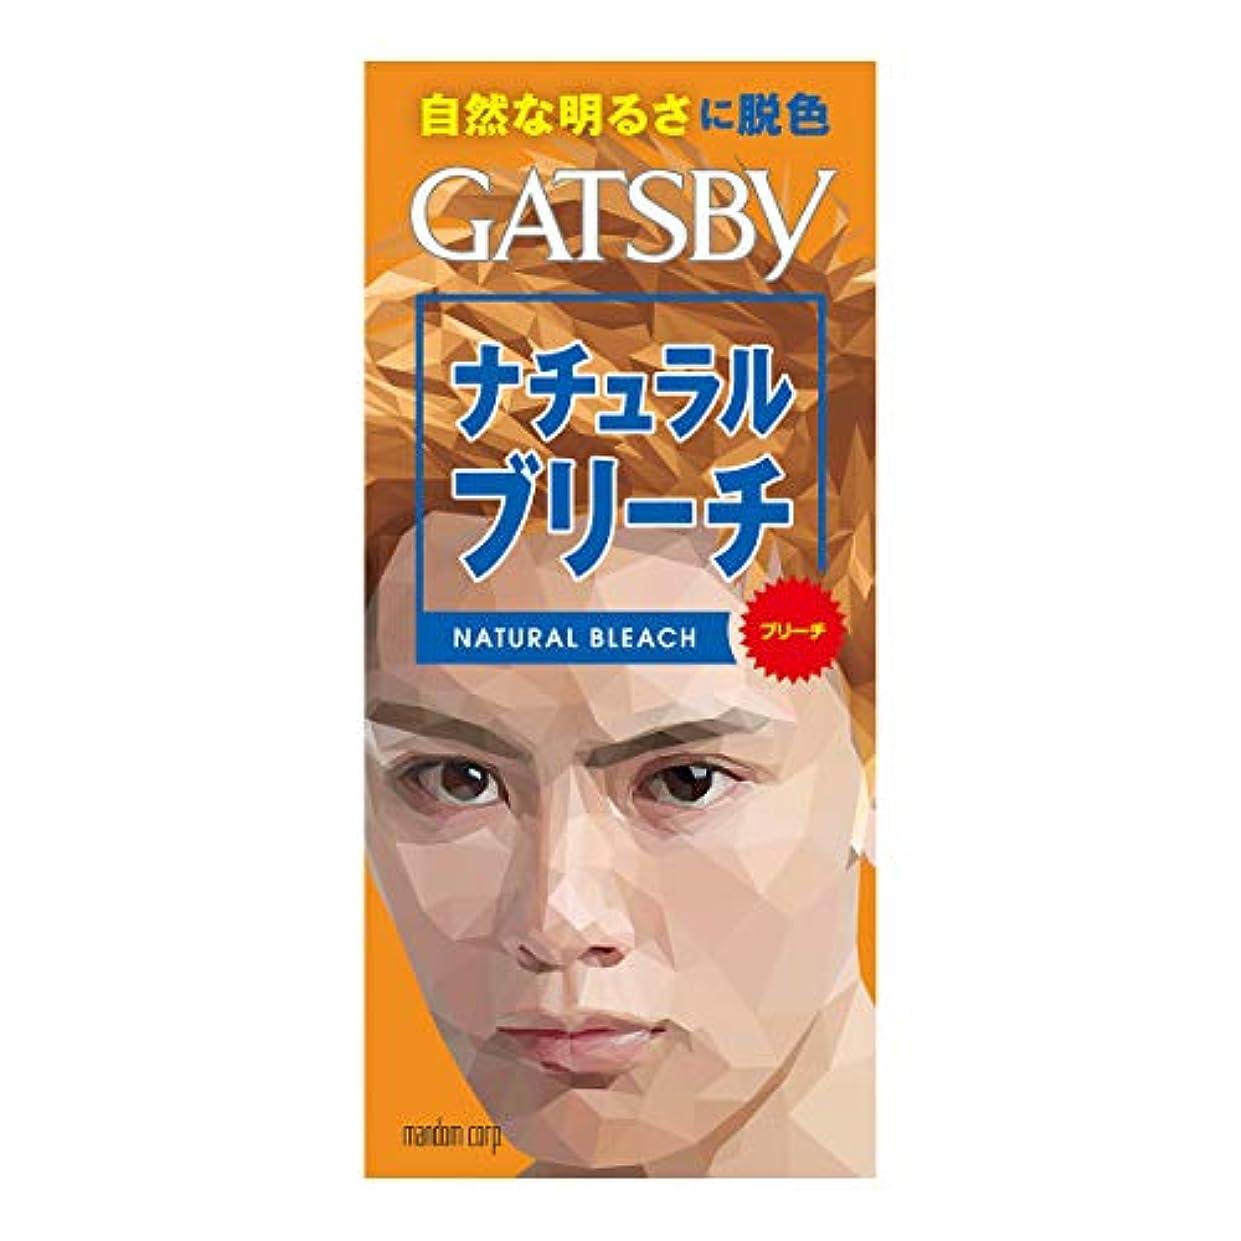 めんどり欲望発表するギャツビー ナチュラルブリーチ 【HTRC5.1】